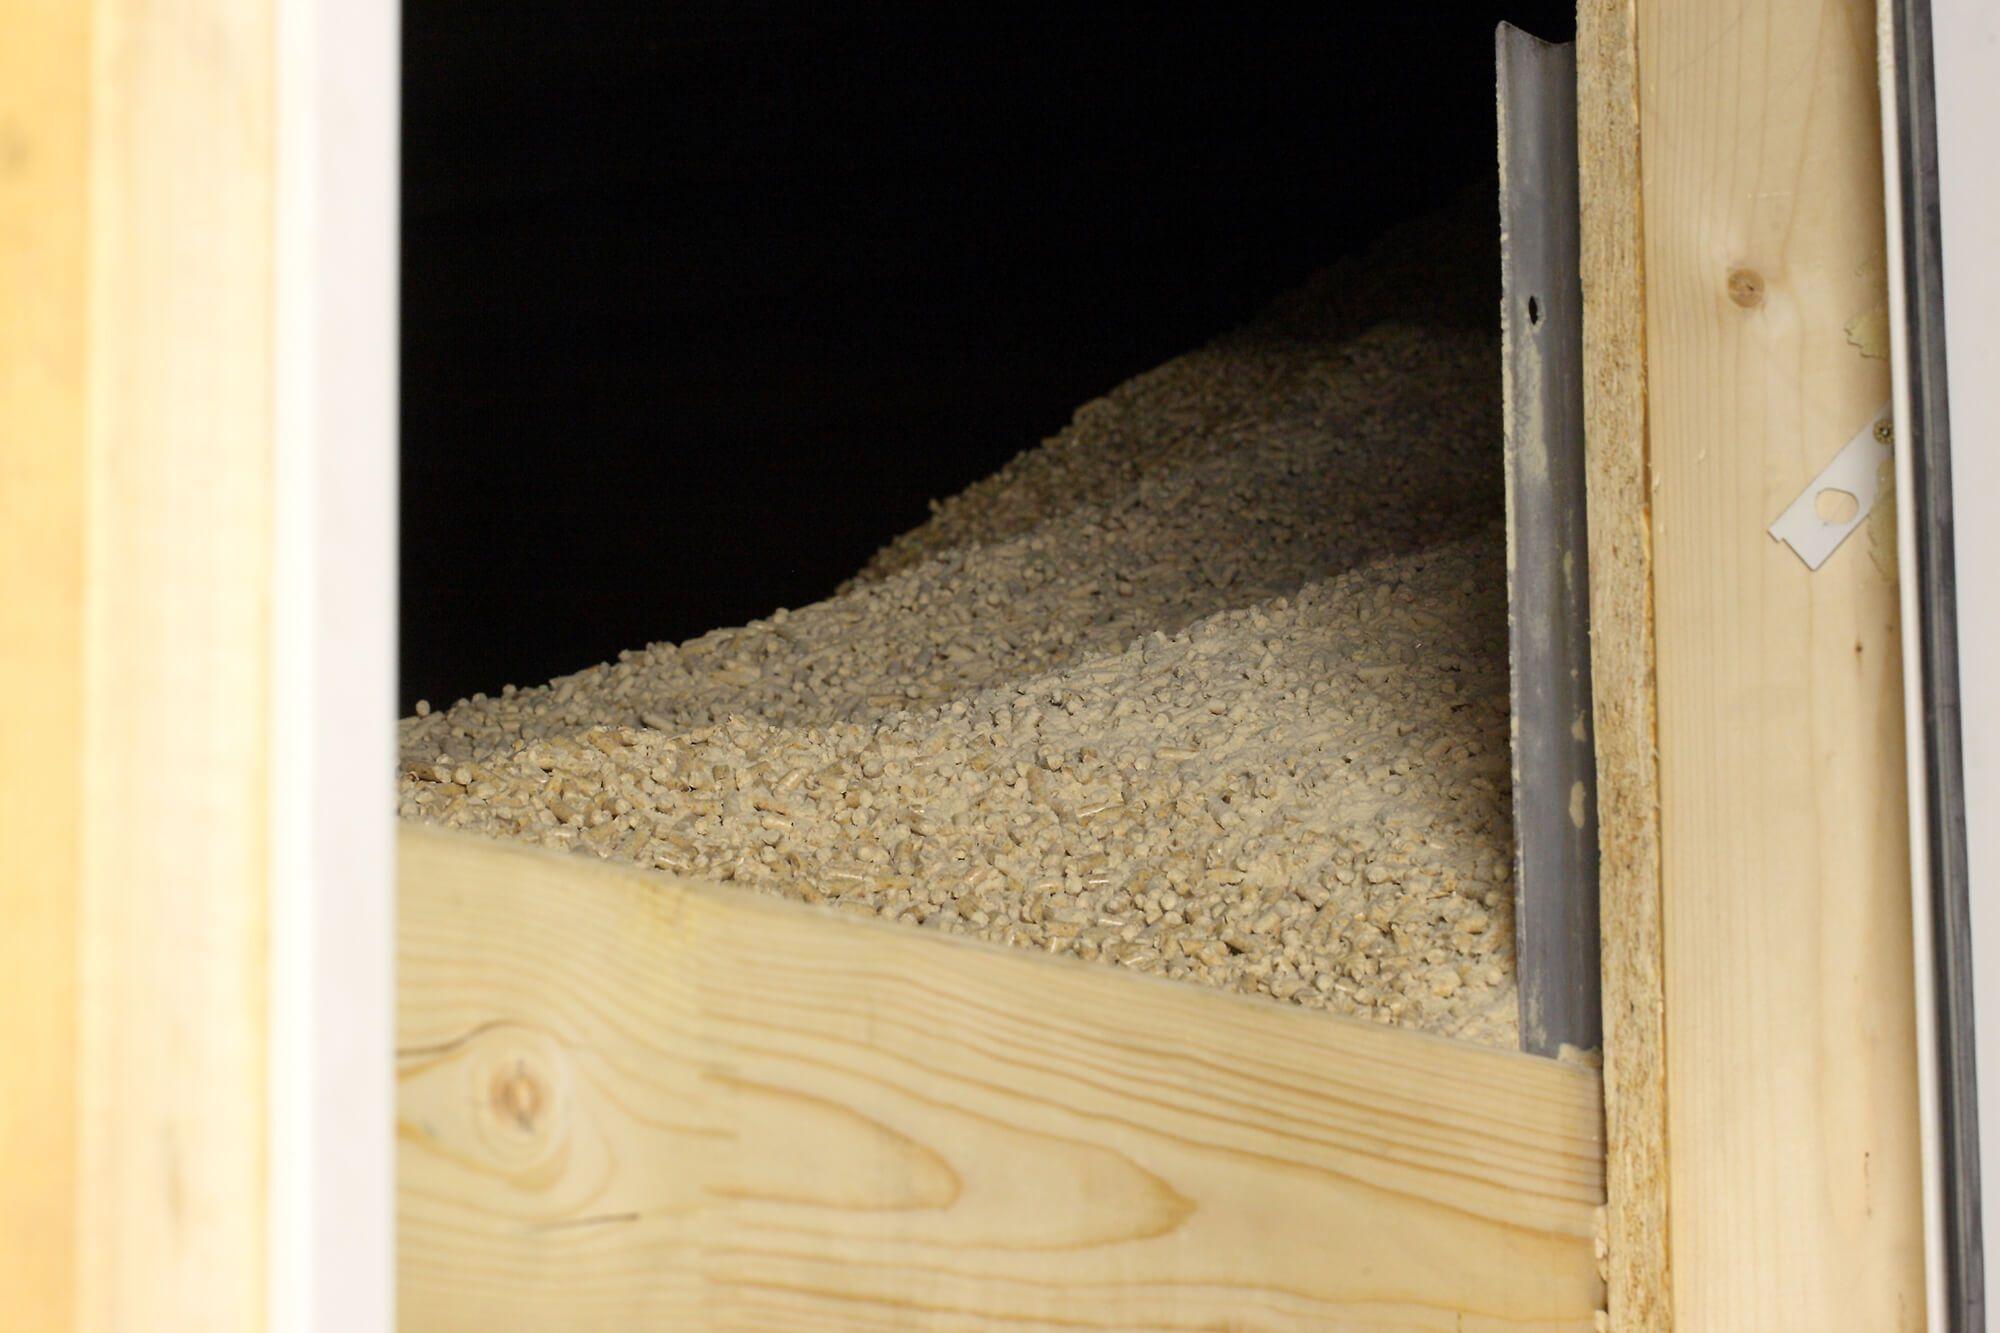 Holzpellets für Pelletheizung